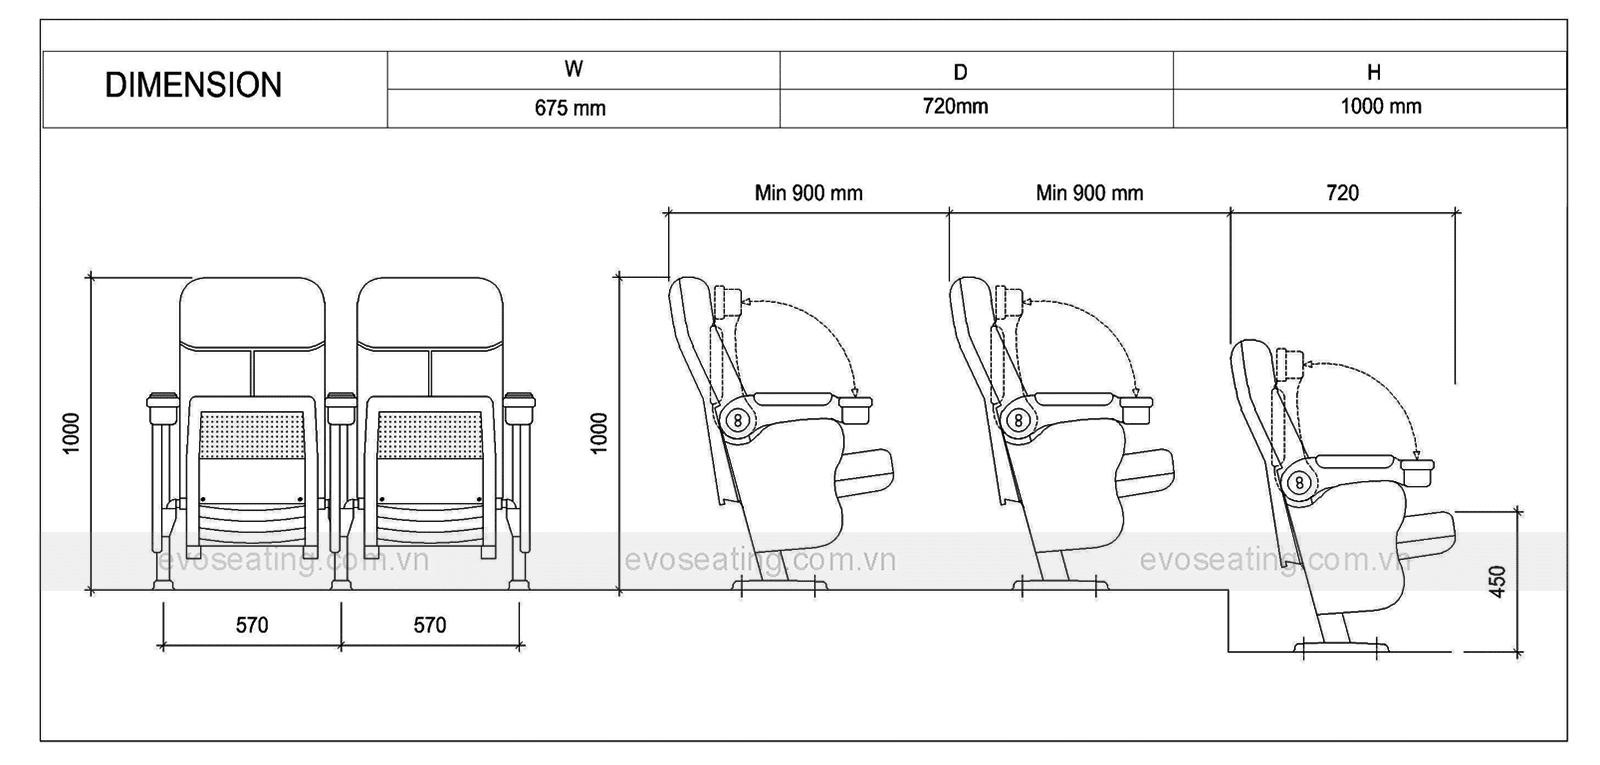 Thông số kỹ thuật của ghế rạp chiếu phim EVO5601